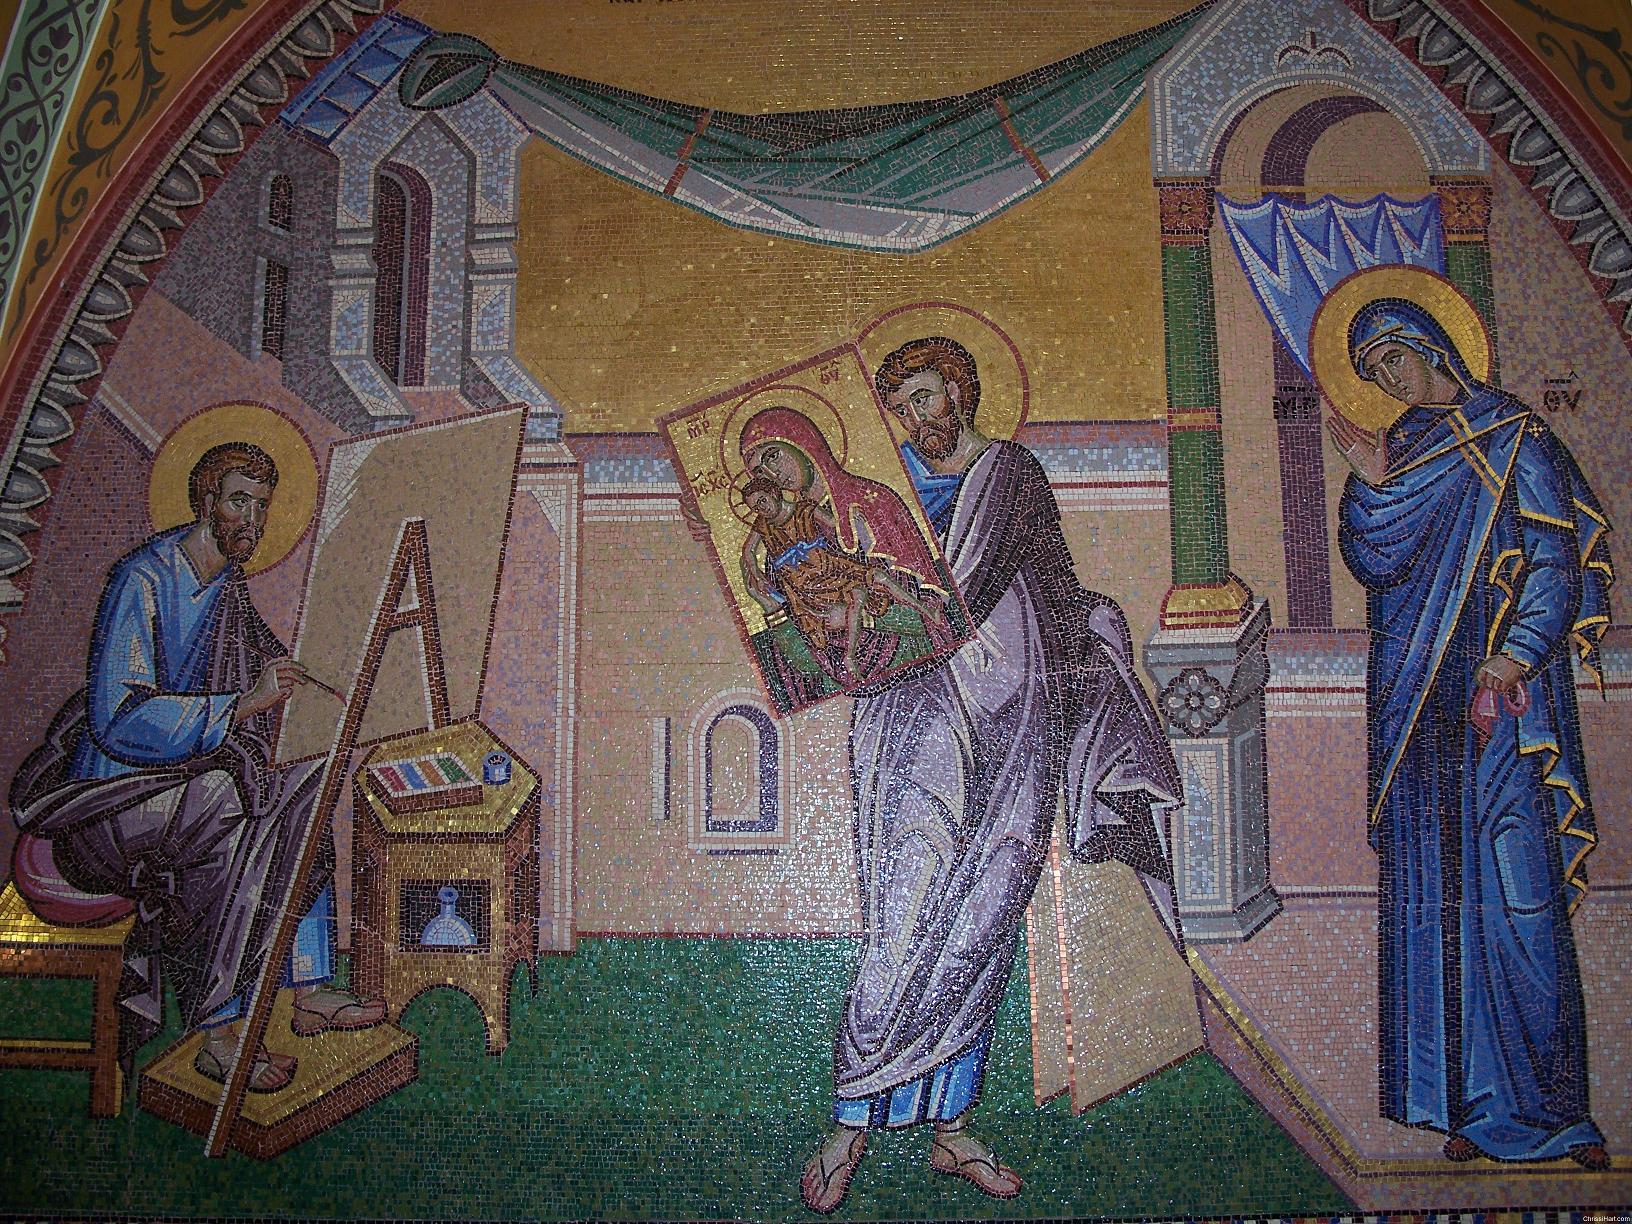 Υμνολογικό απάνθισμα της εορτής του Αγίου ενδόξου Αποστόλου & Ευαγγελιστού Λουκά